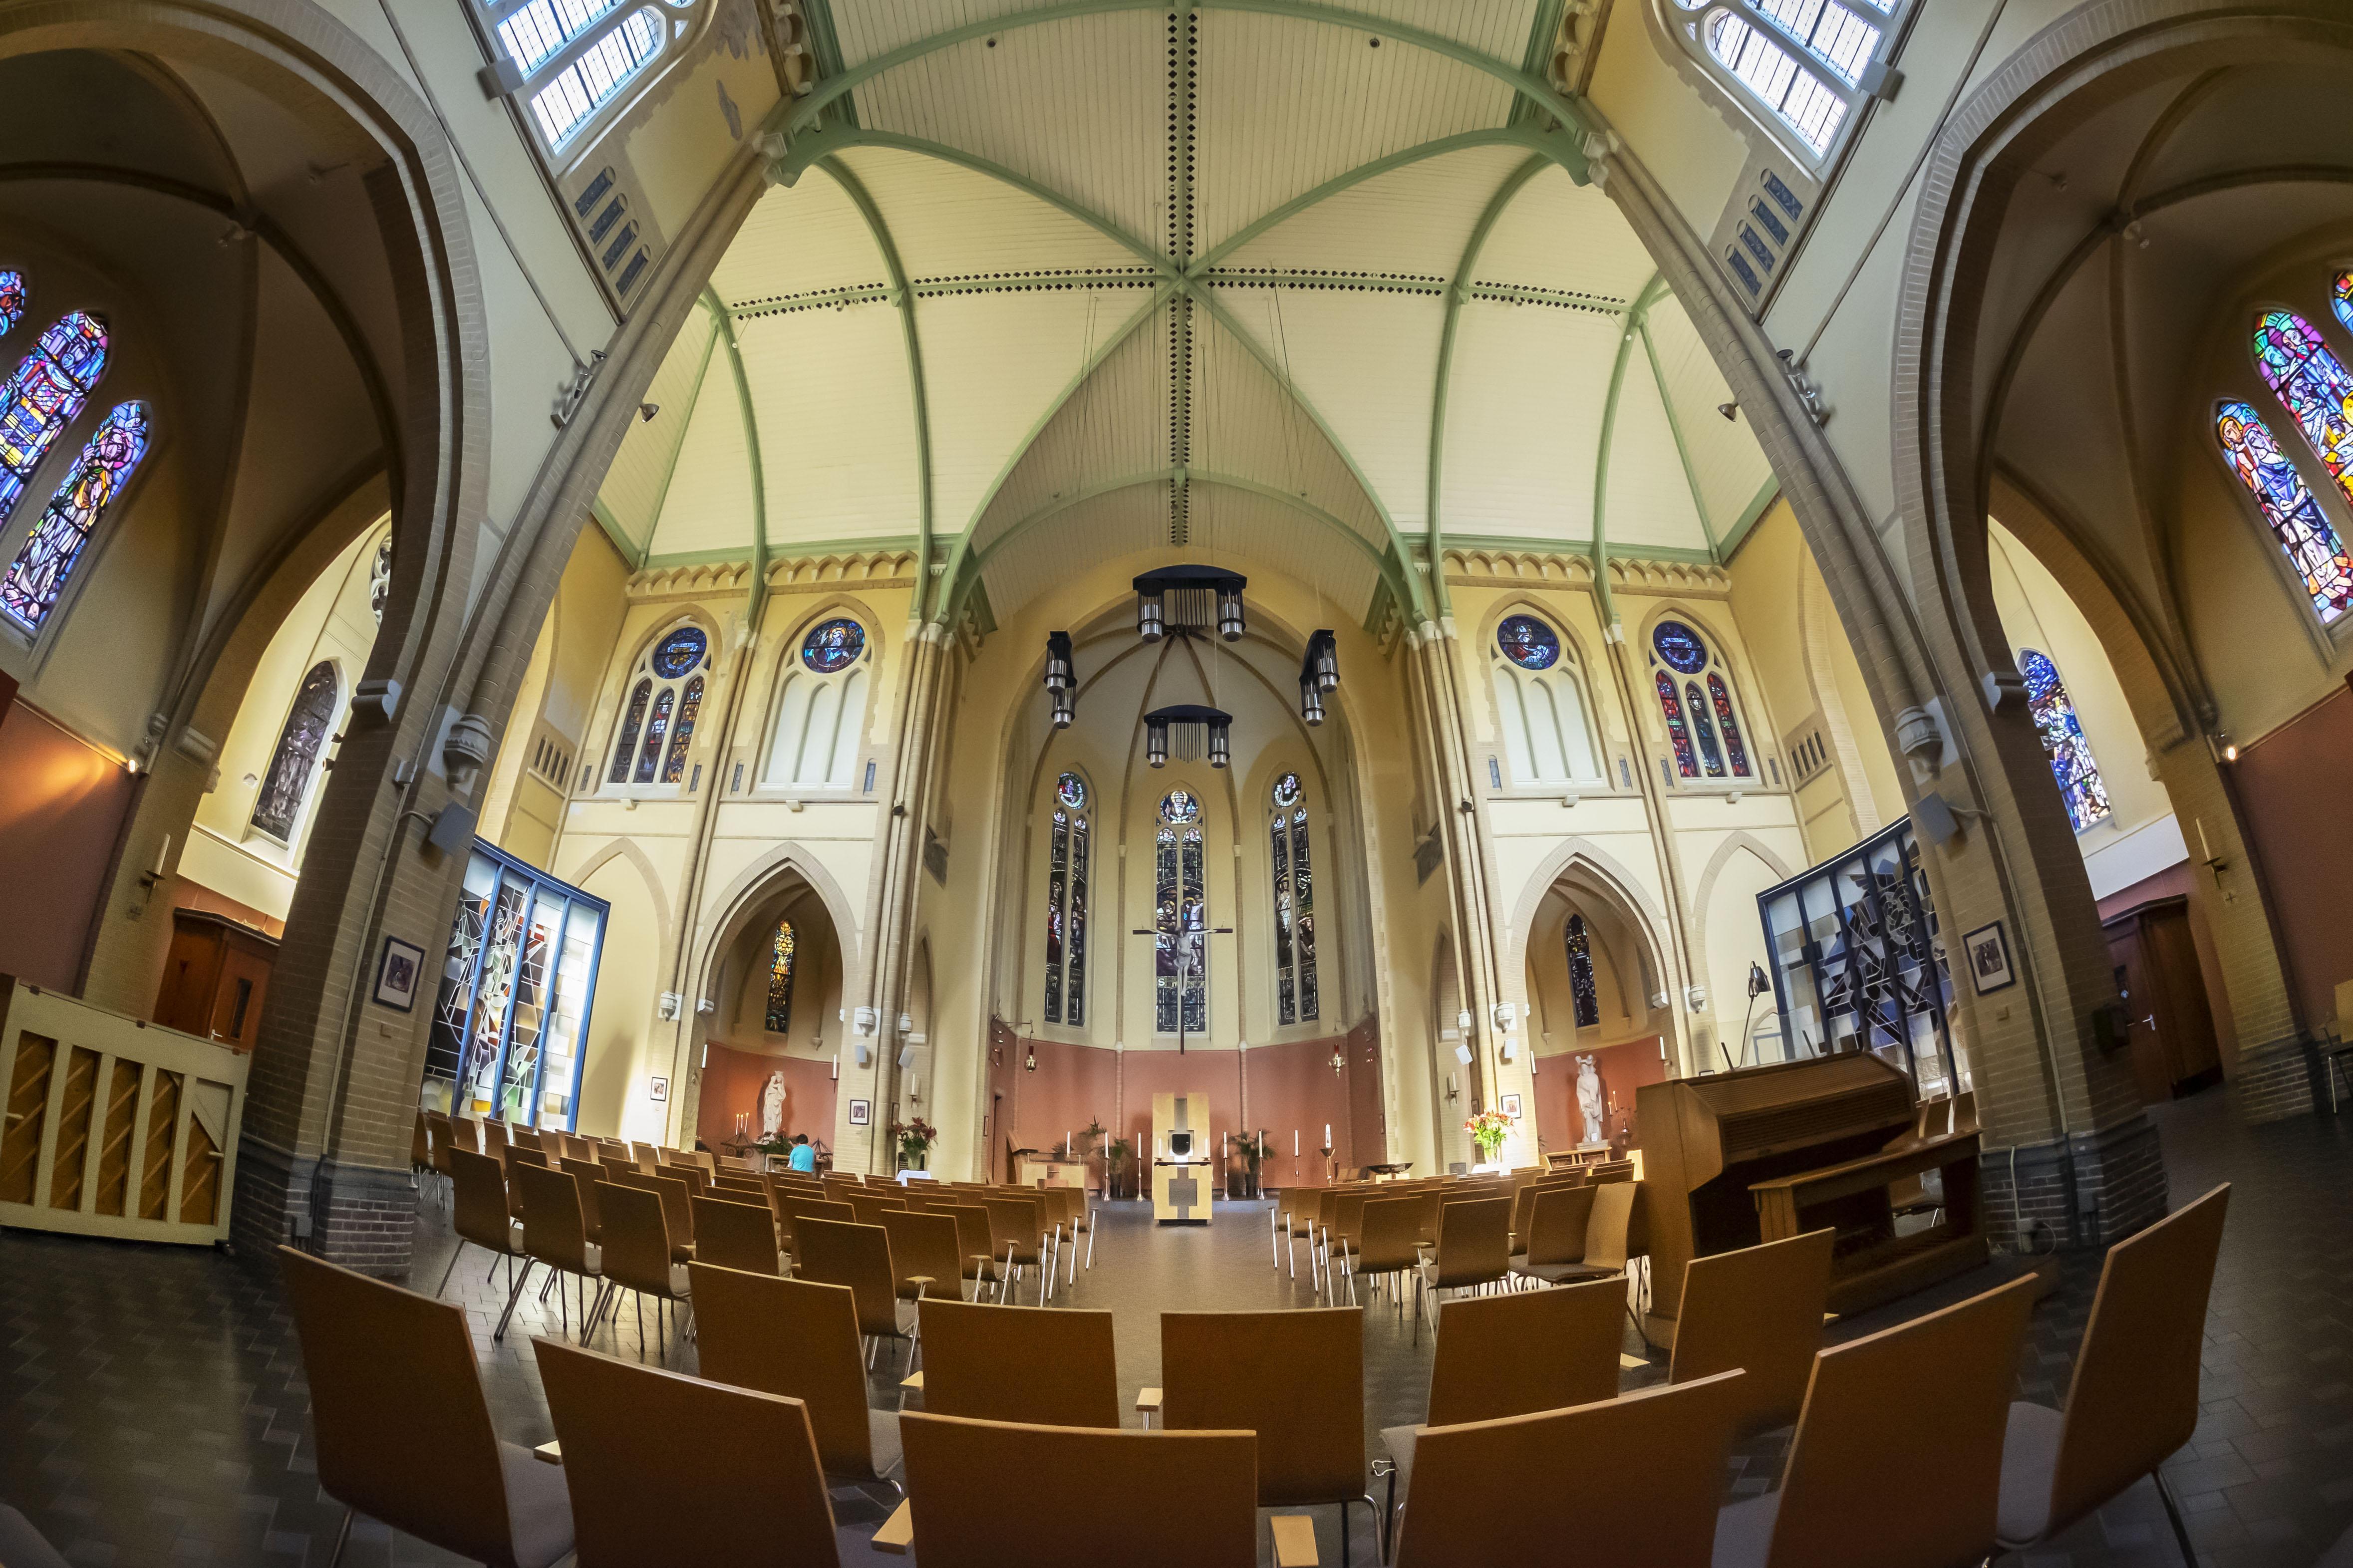 Wat moet er met al die kerkgebouwen? Heel Alkmaar mag meepraten. 'We willen zorgvuldig omgaan met onze kerken om ze te behouden voor de toekomst, net als al ons mooie erfgoed'